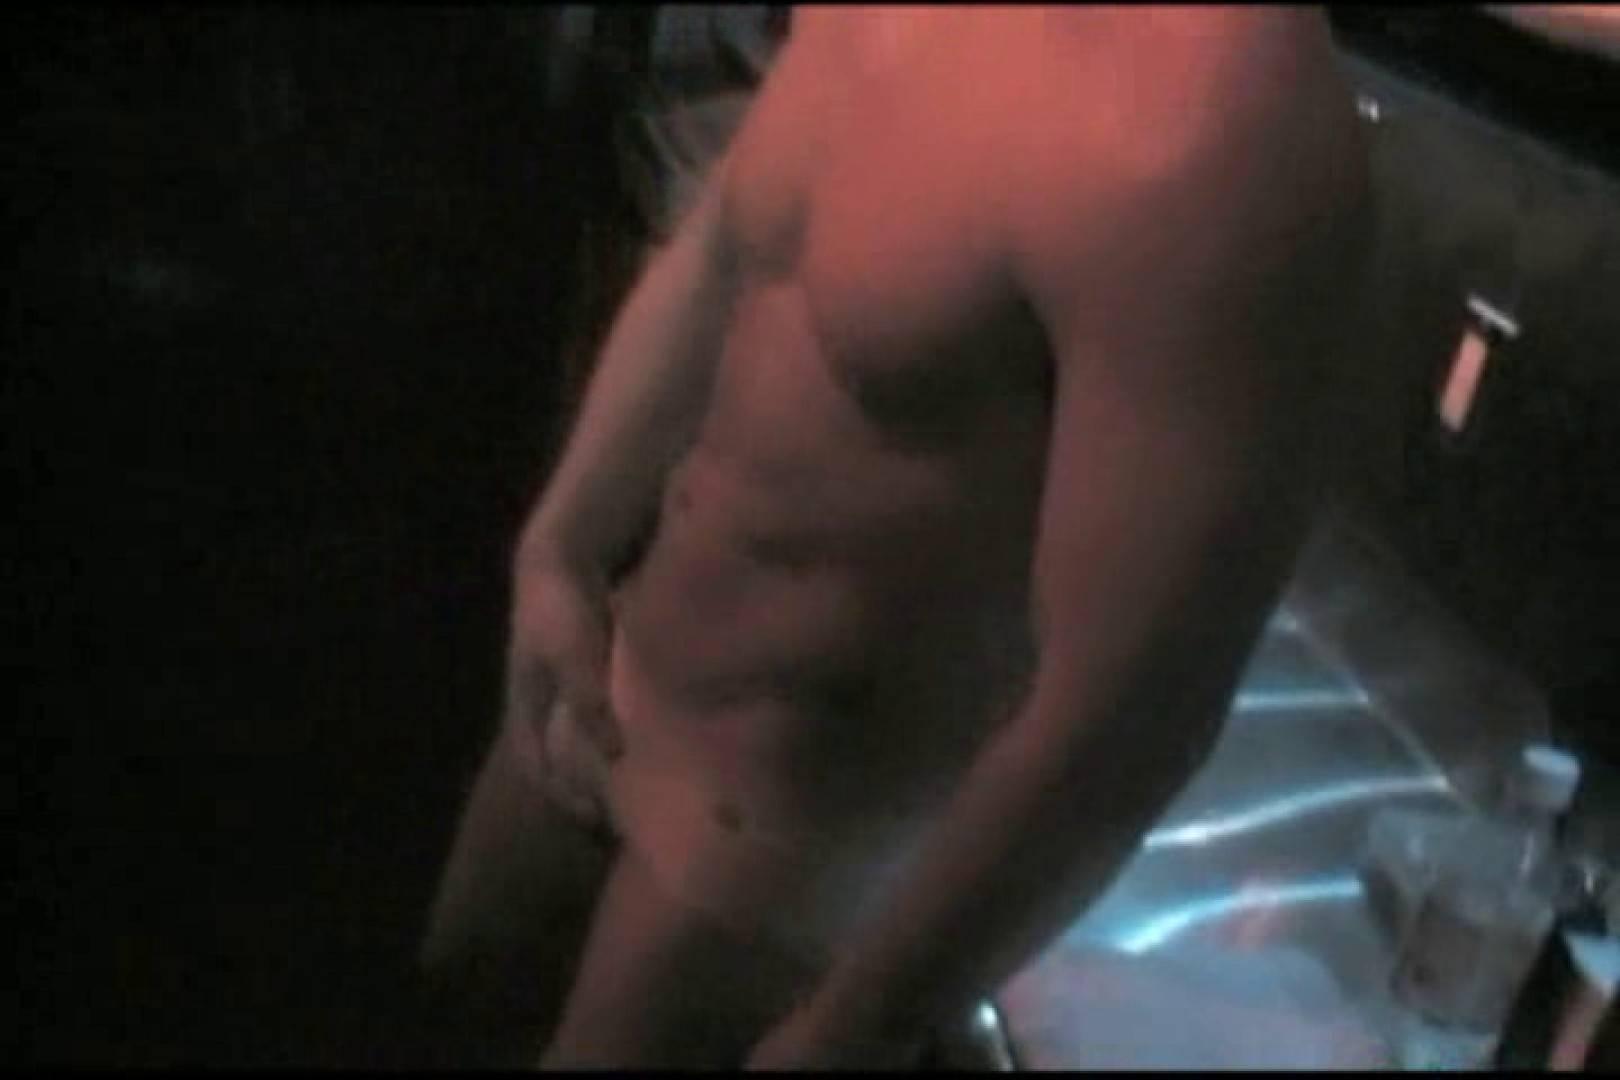 バーでパックン!!ガチムチ男子!! ディープキス ゲイヌード画像 60pic 18